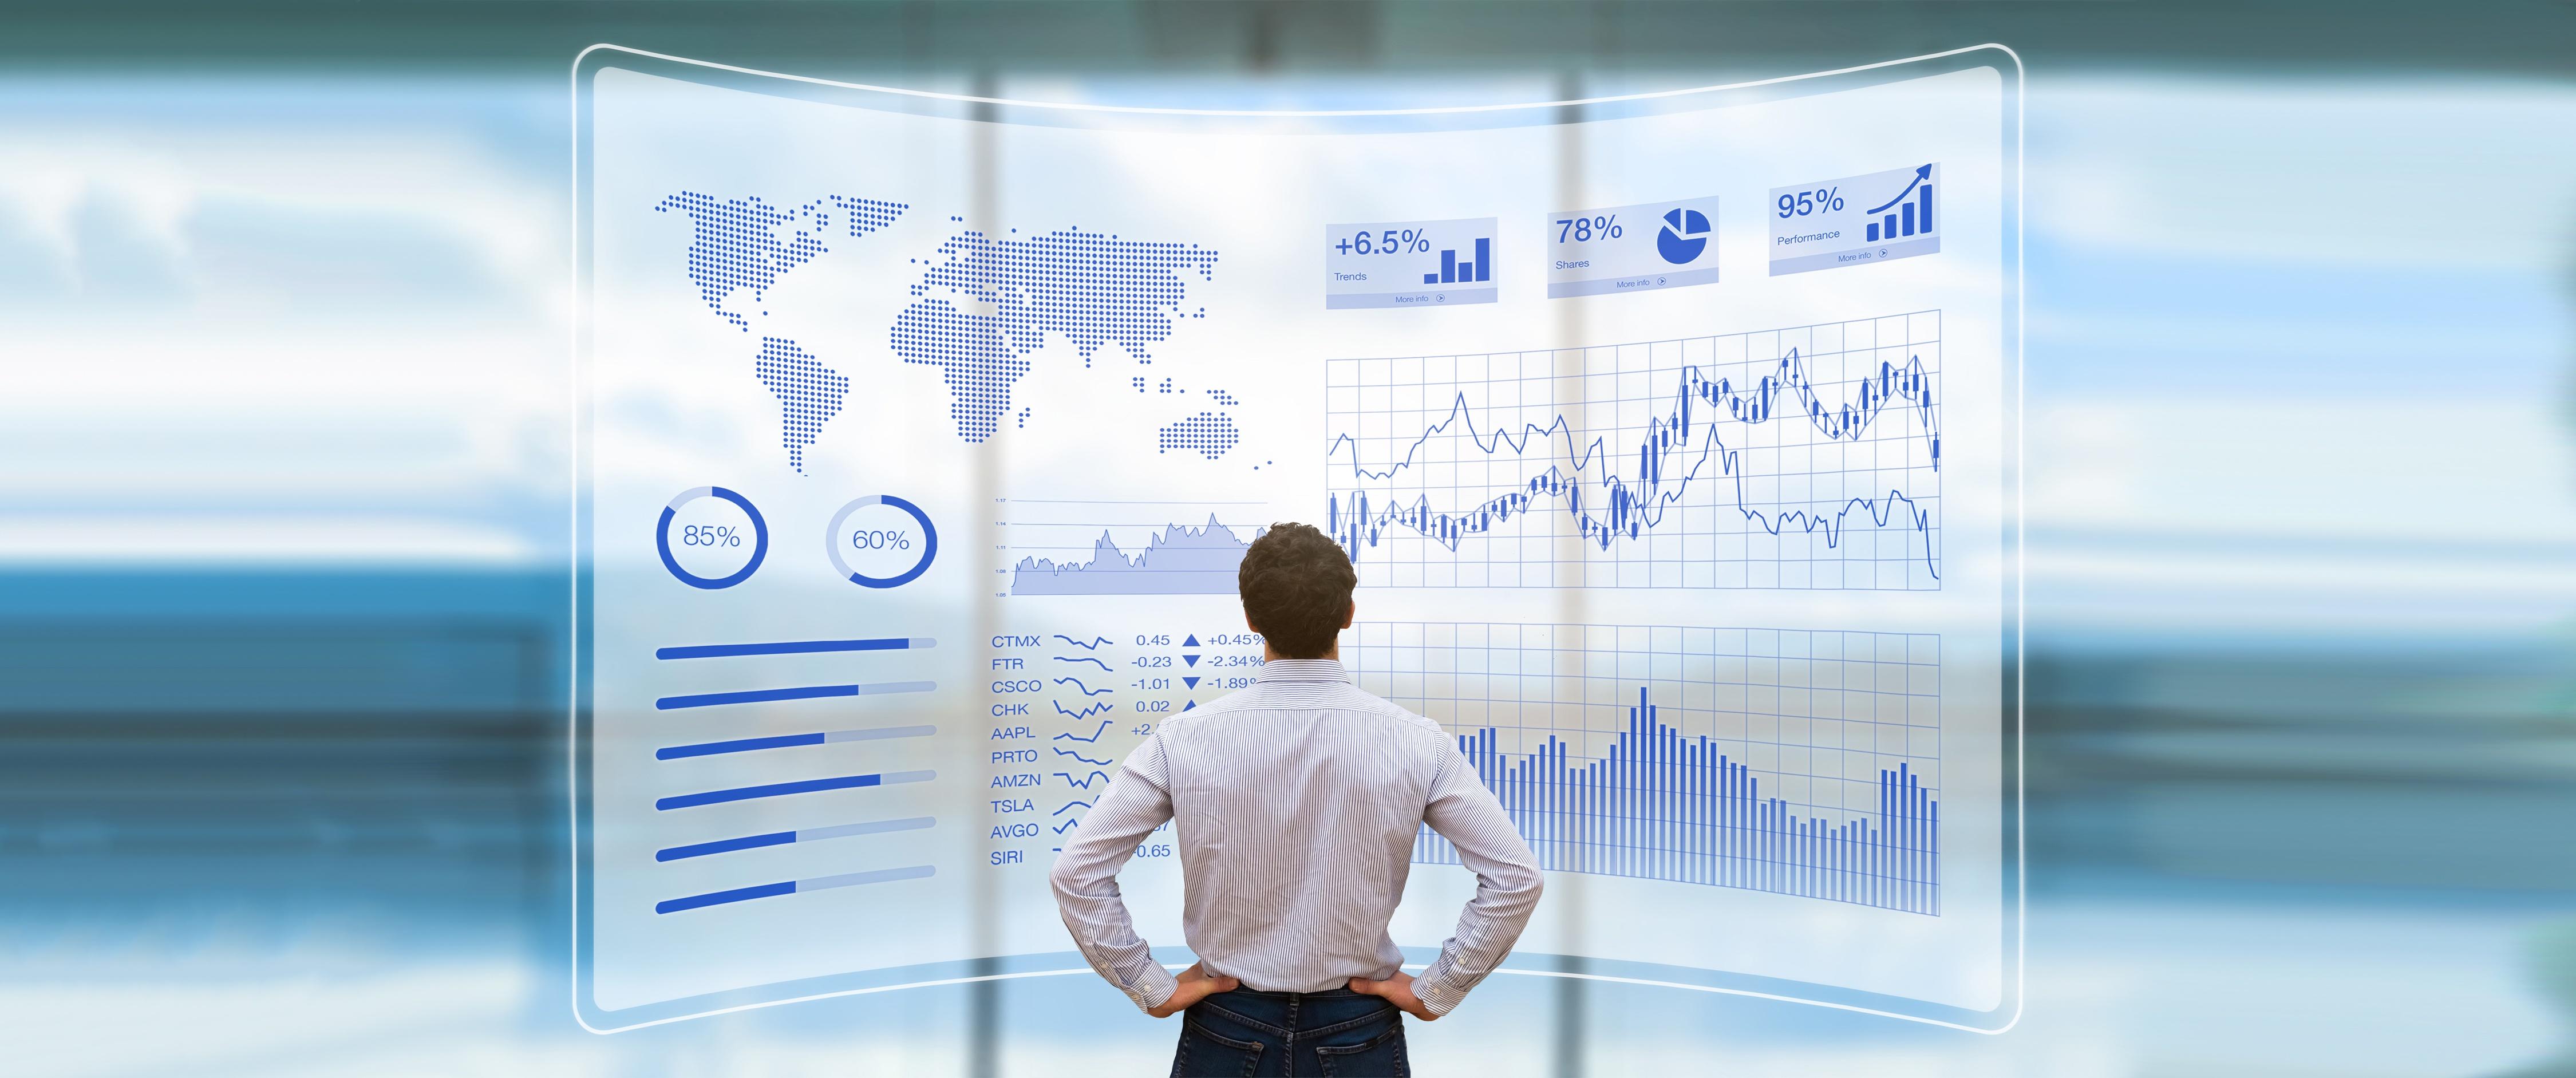 data_analytics_man_standing